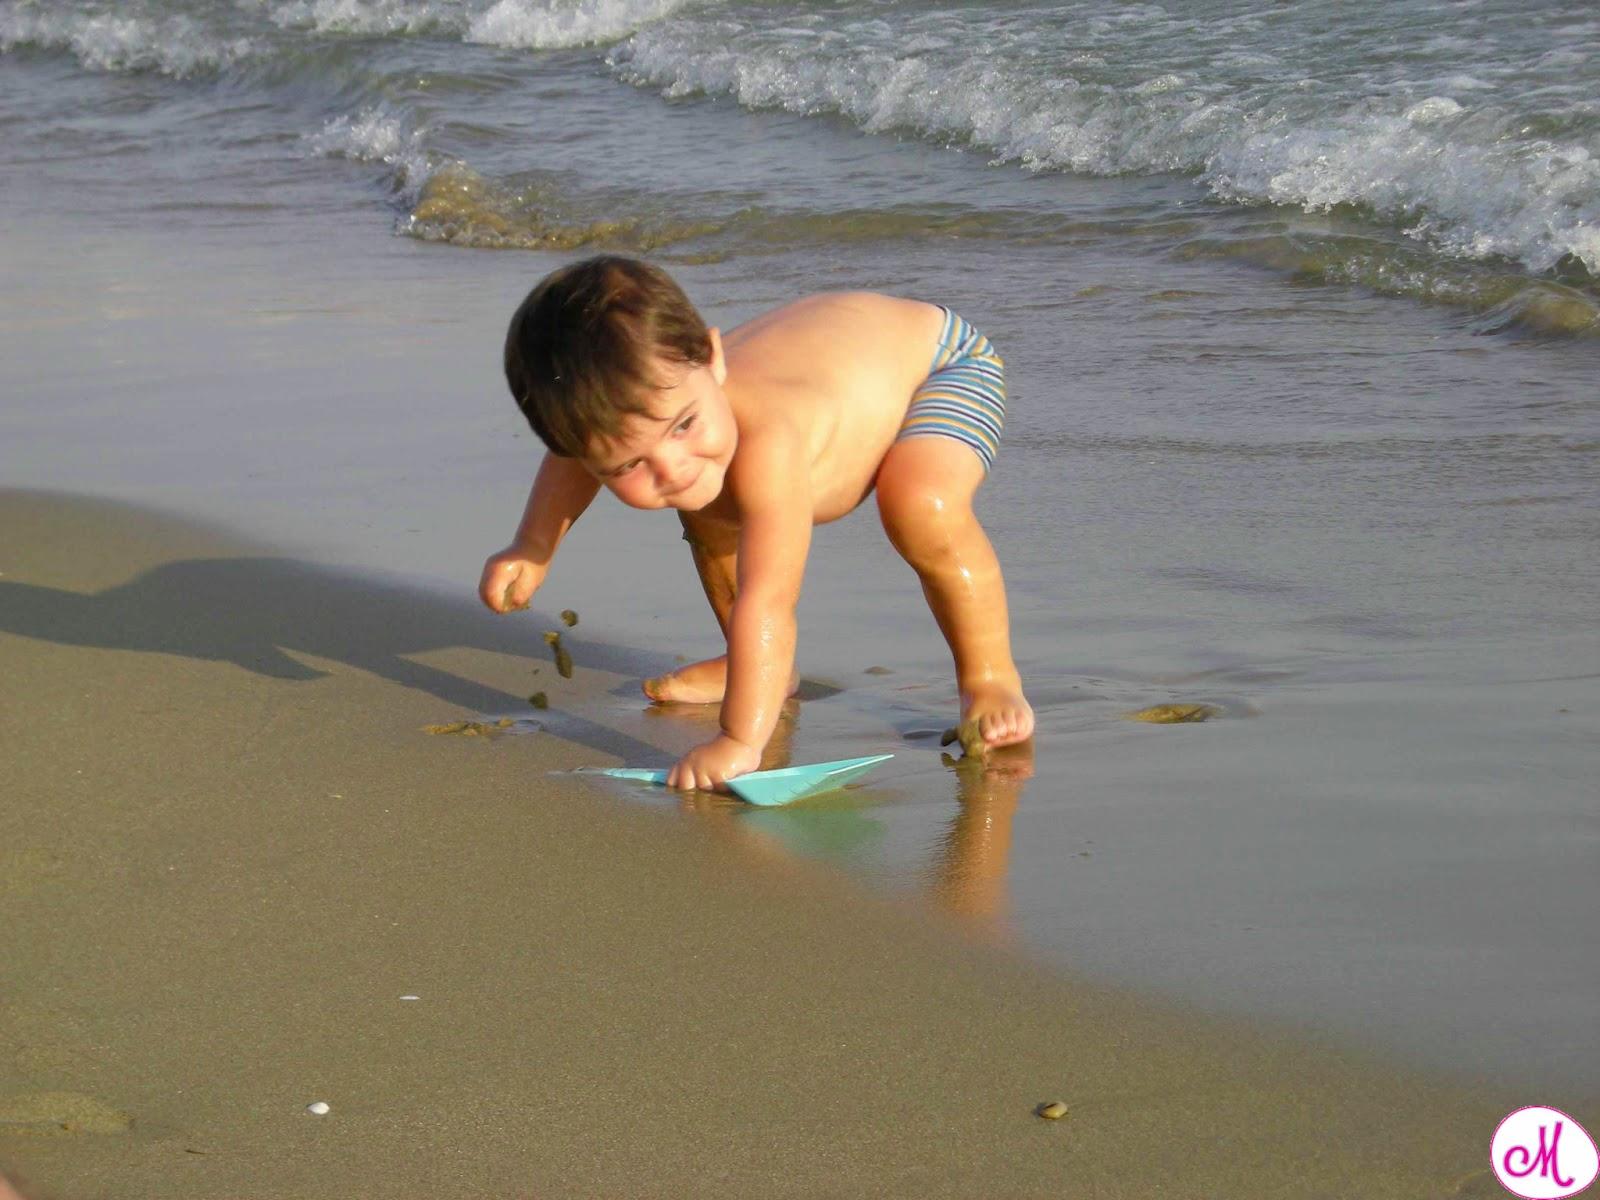 e' in arrivo l'estate... al mare con i bambini!